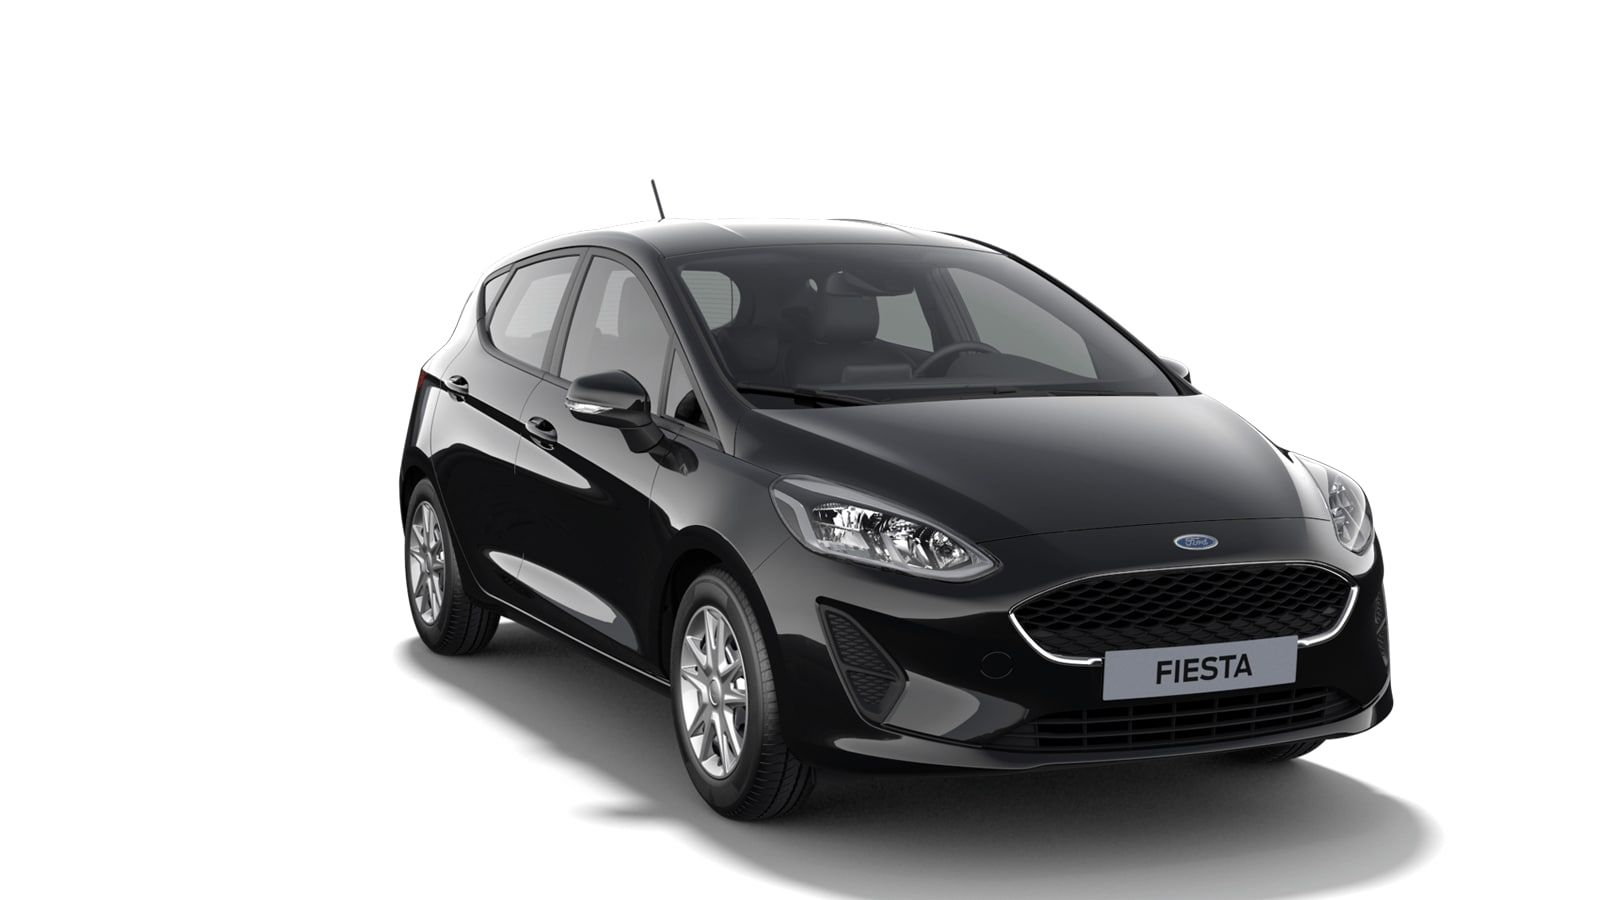 """Nieuw Ford All-new ford fiesta Connected  1.0i EcBst 95pk / 70kW M6 5d JKD - Metaalkleur """"Agate Black"""" 2"""